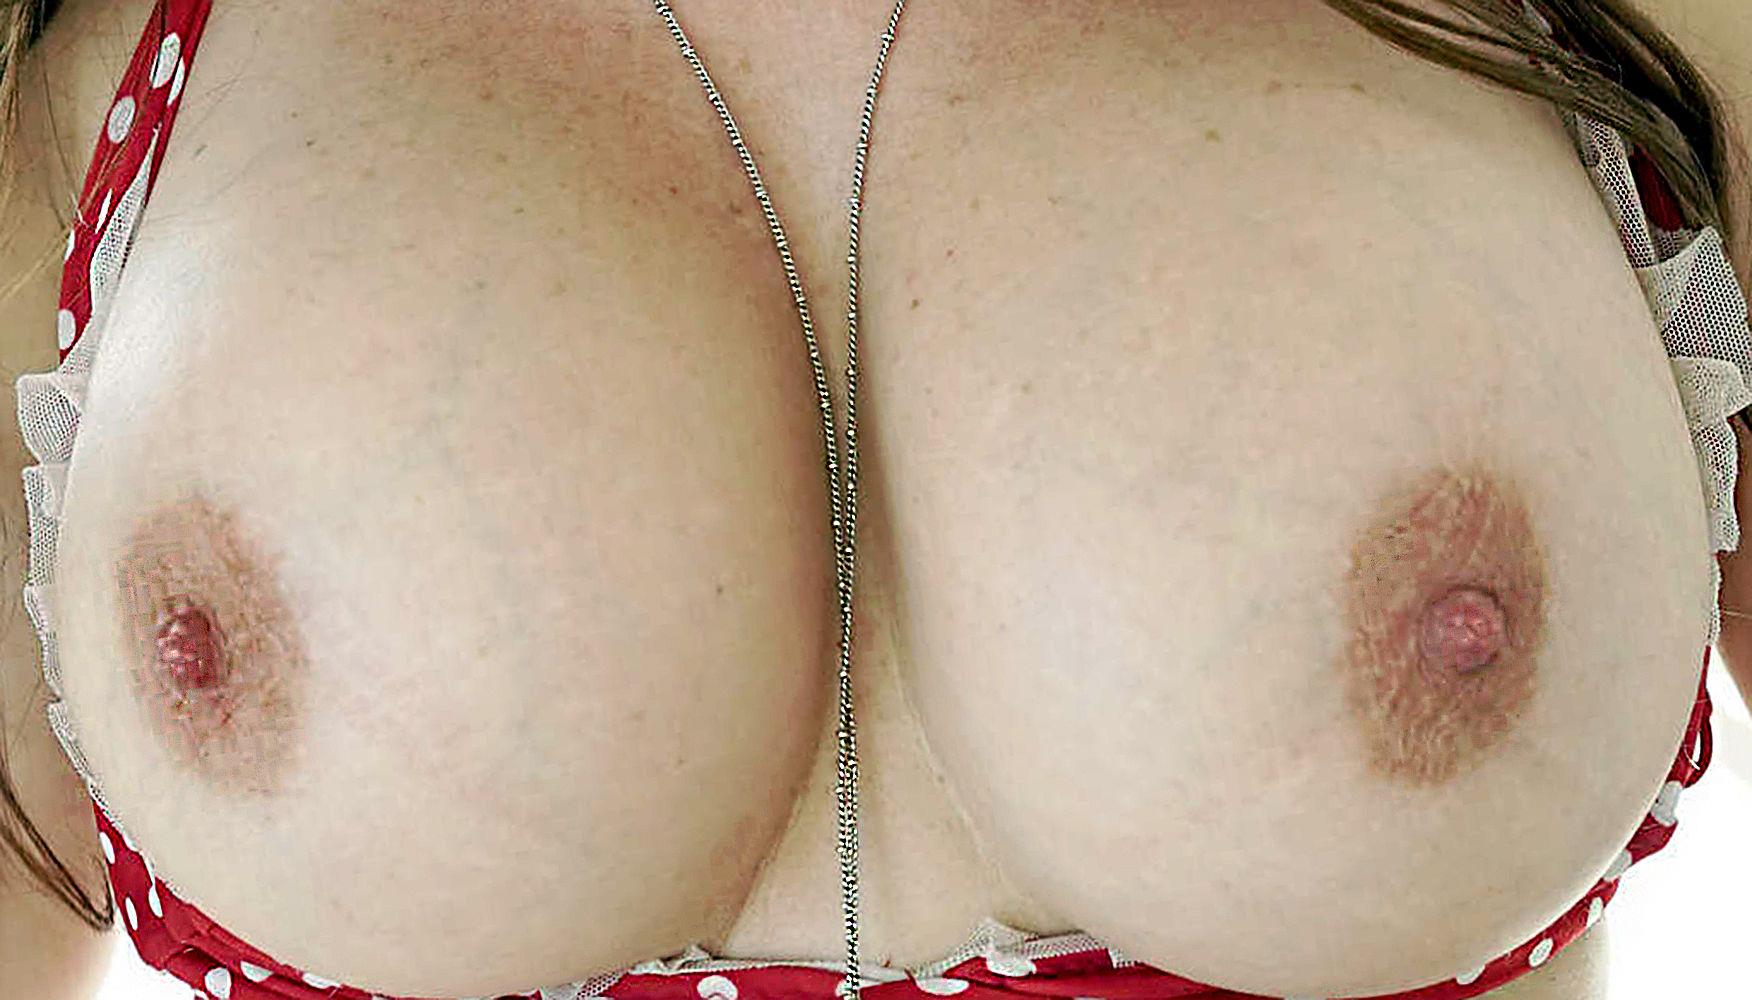 gros seins nus escort antony